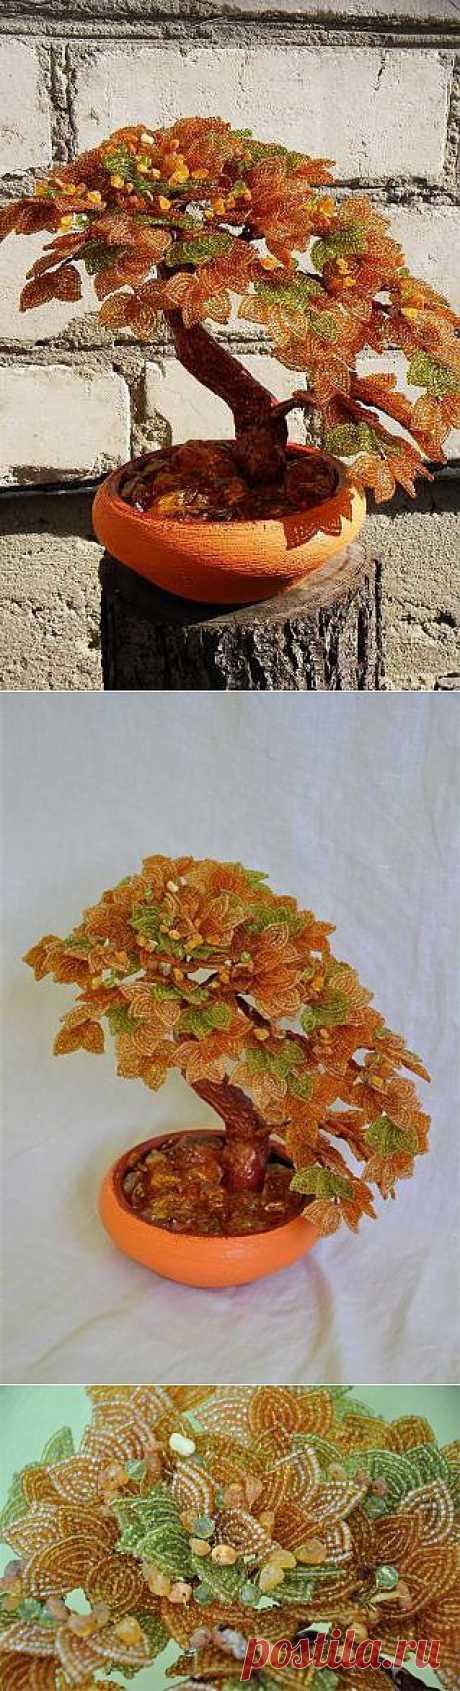 Янтарное дерево | biser.info - всё о бисере и бисерном творчестве